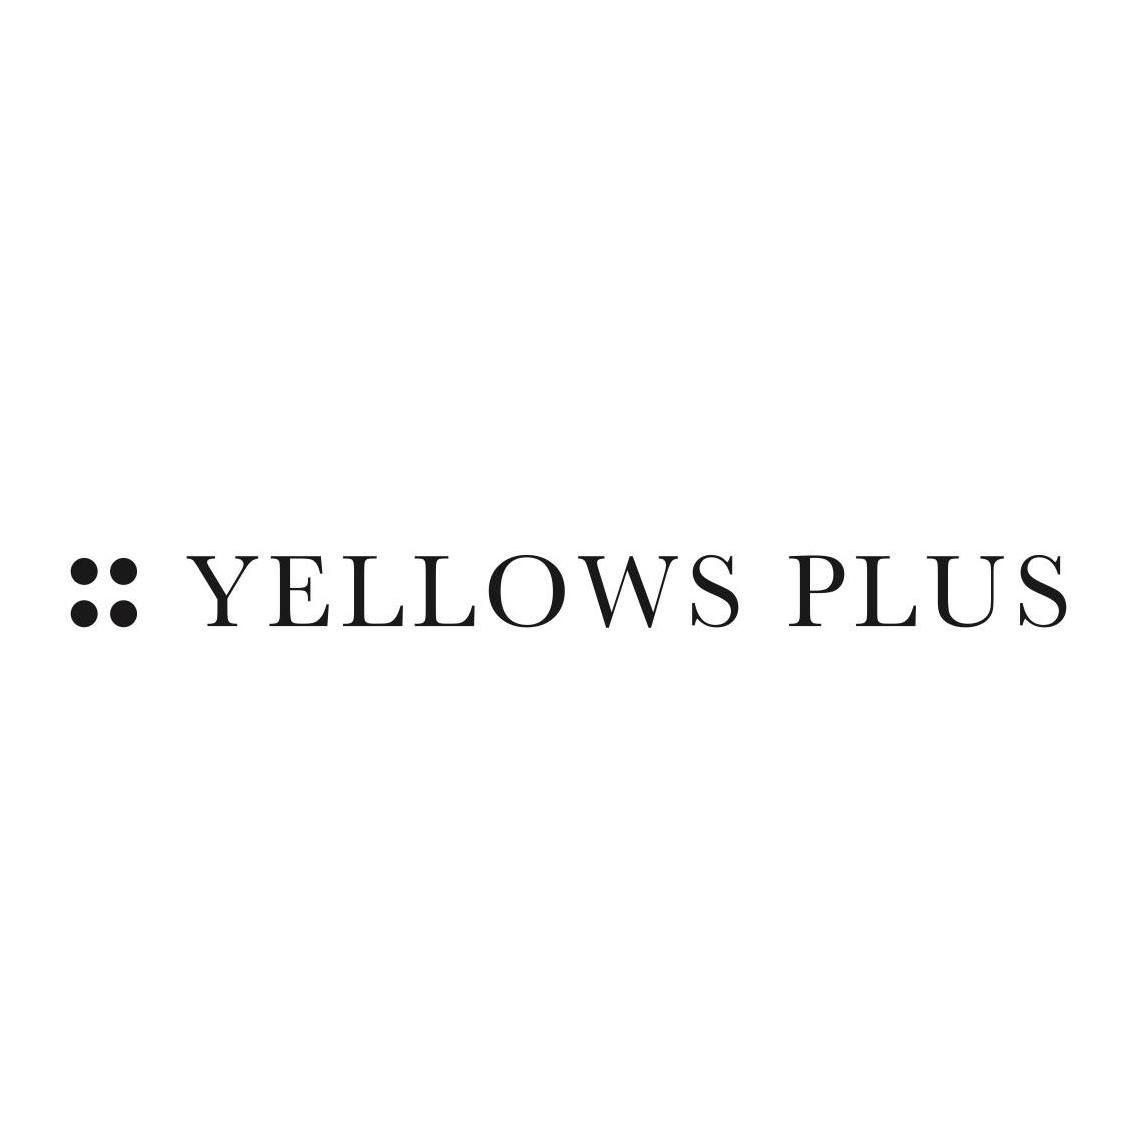 Yellows Plus